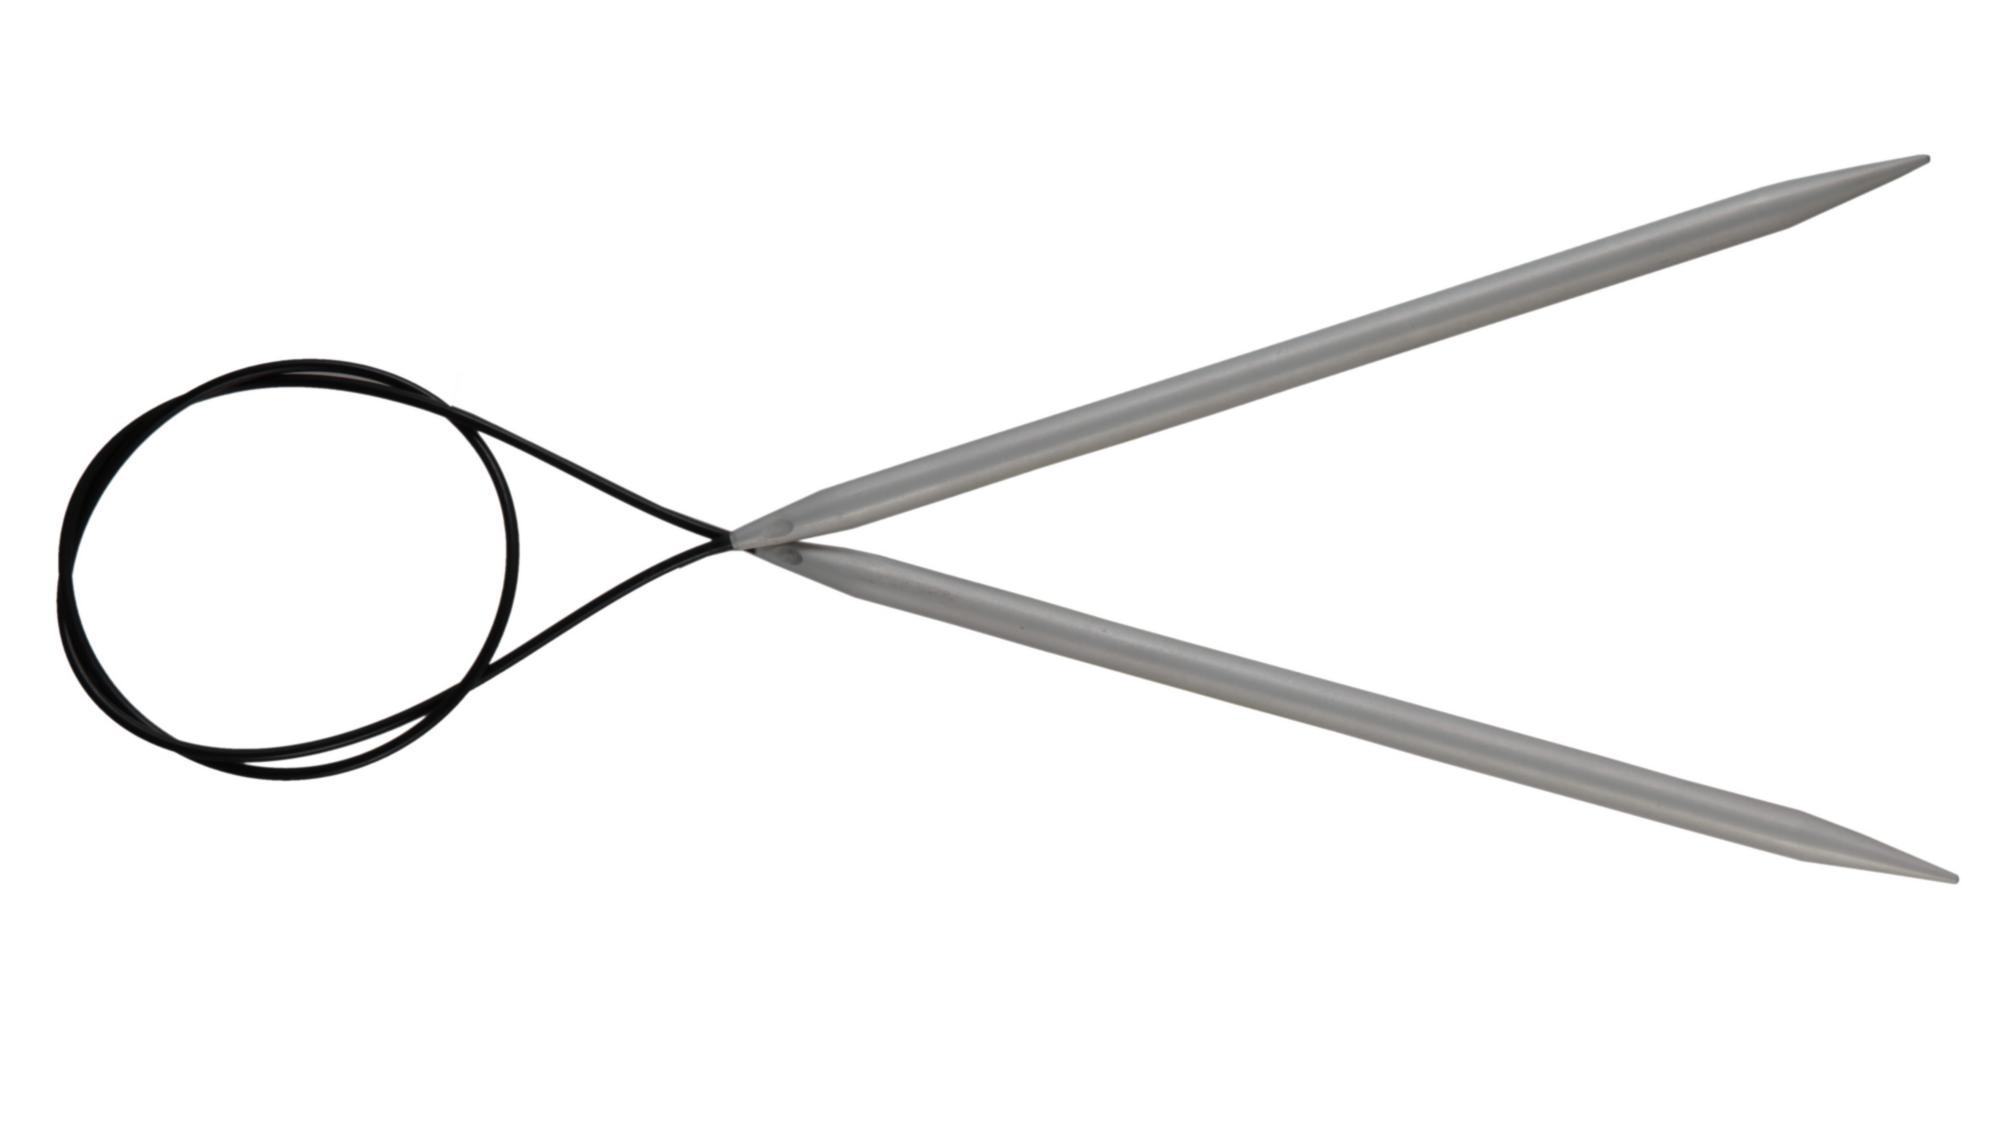 Спицы круговые 80 см Basix Aluminium KnitPro, 45336, 4.50 мм